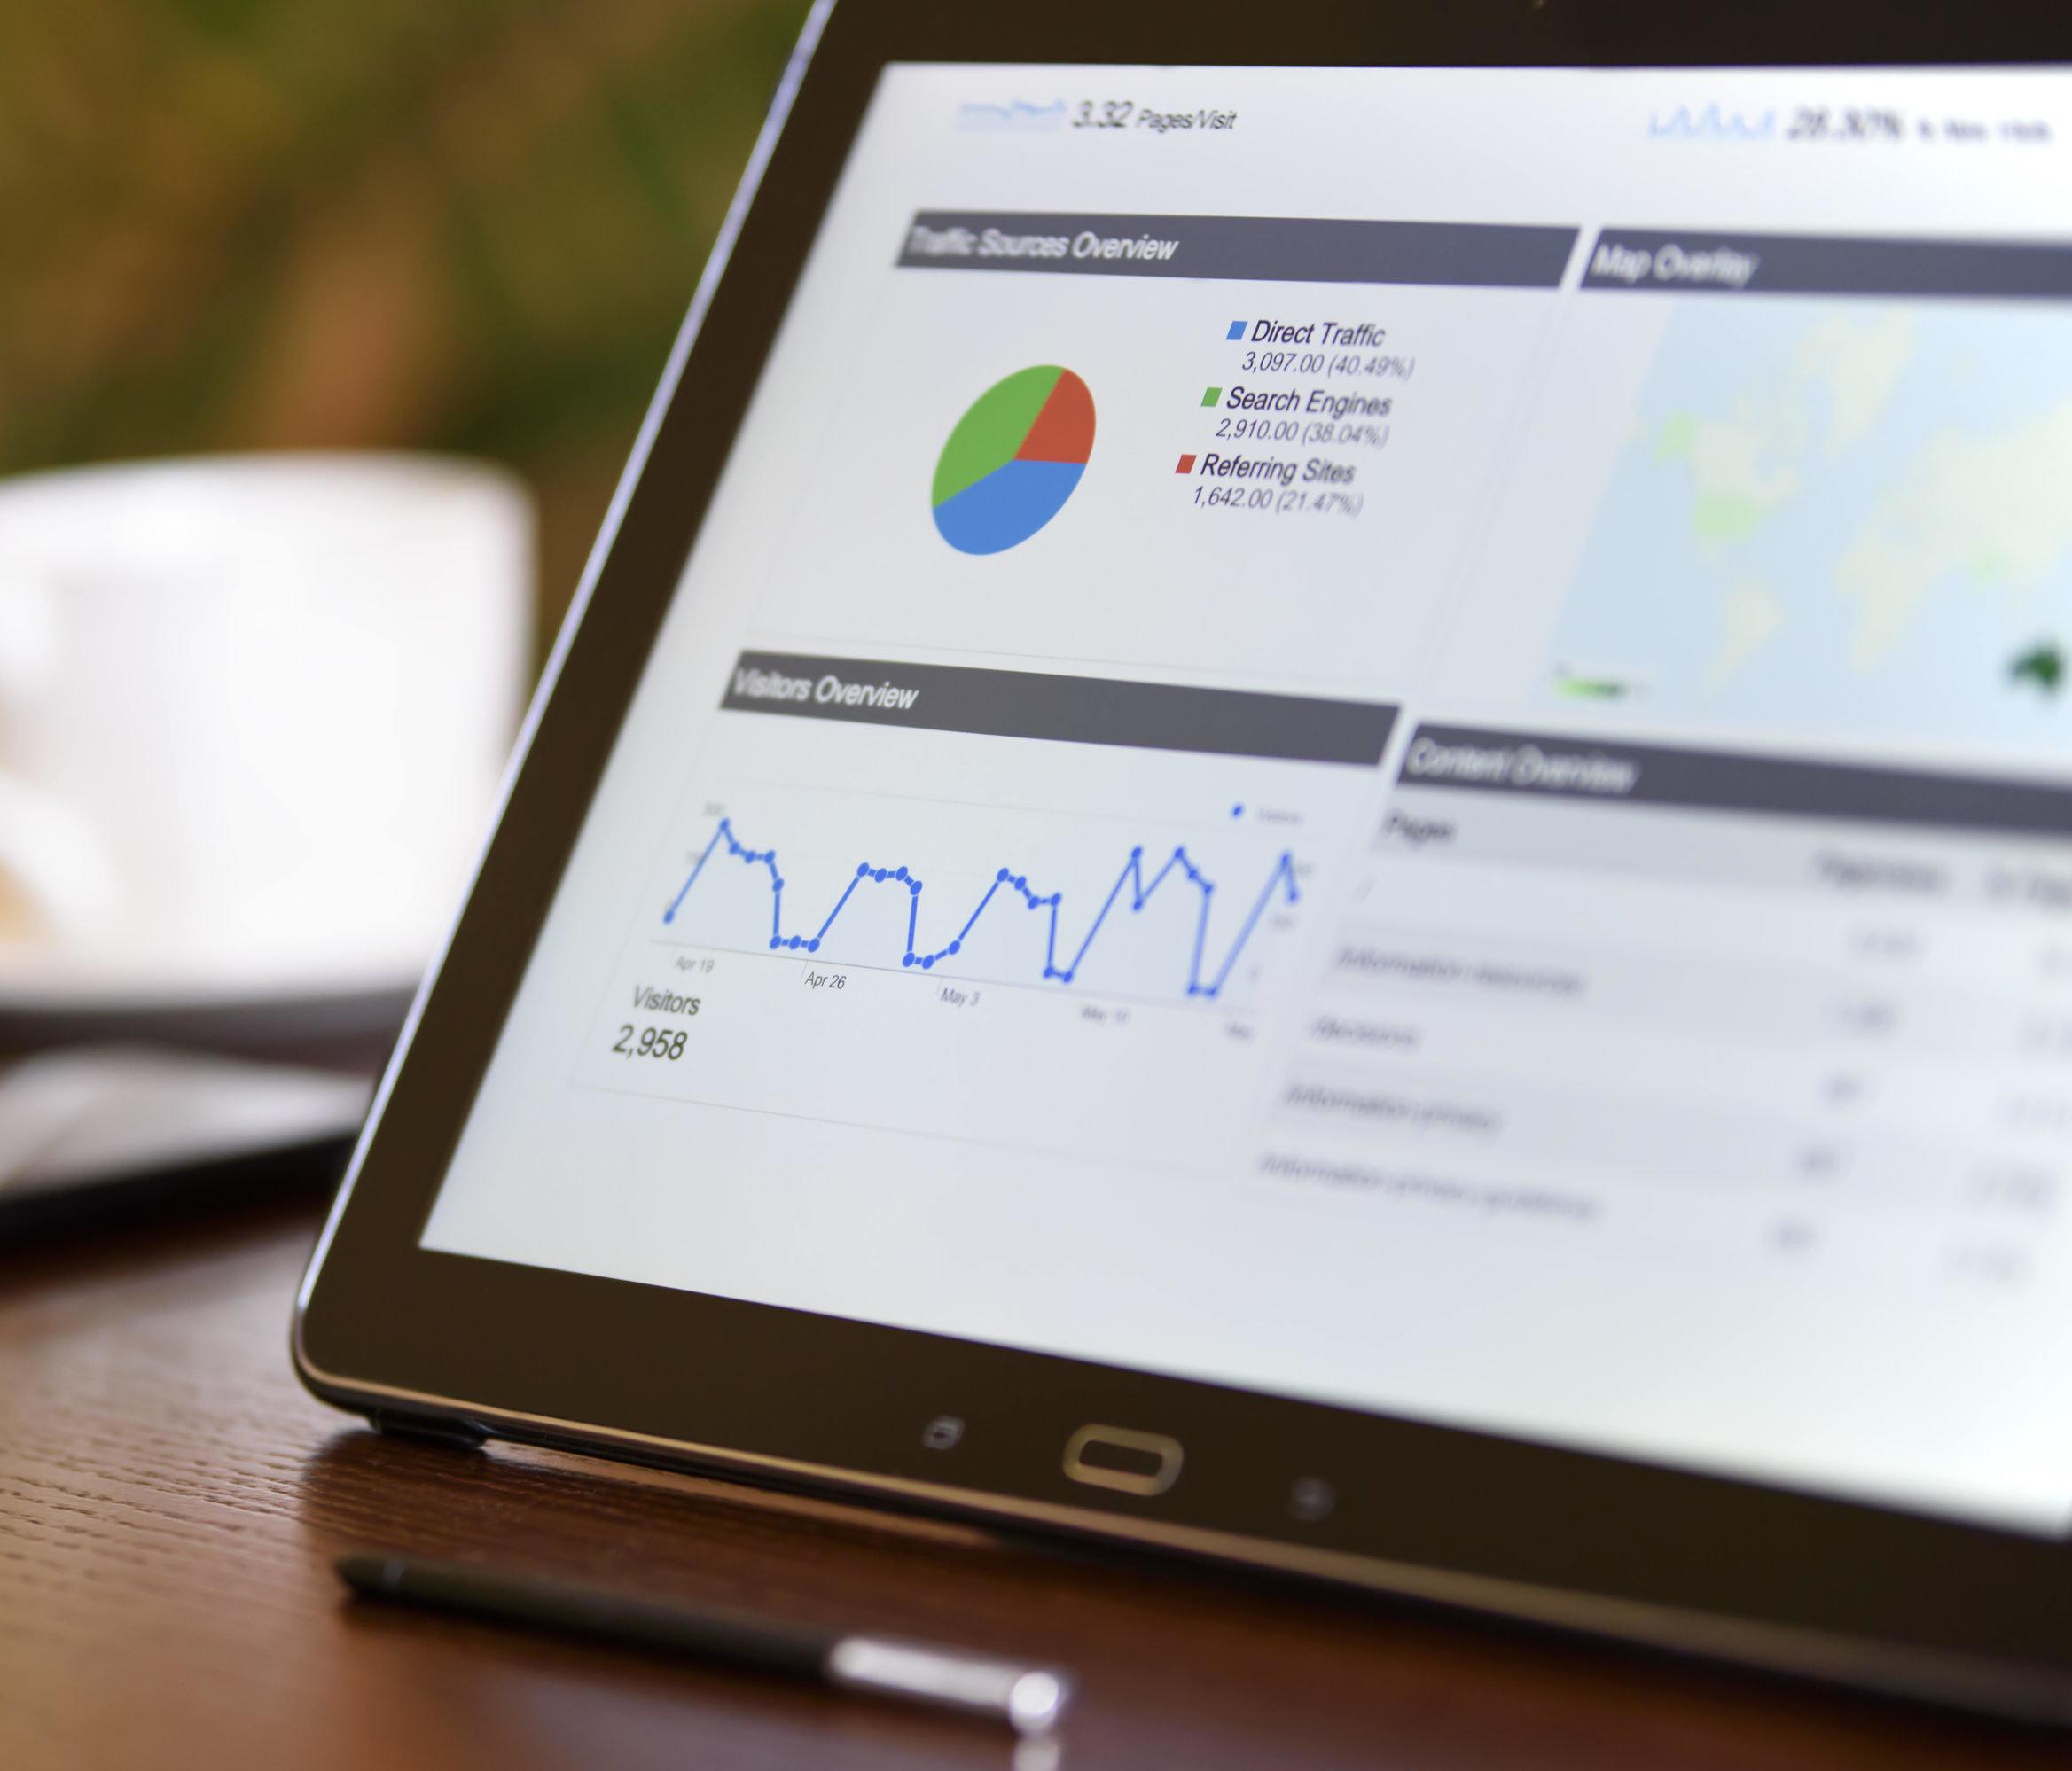 Le futur de l'engagement client passe par l'intelligence prédictive